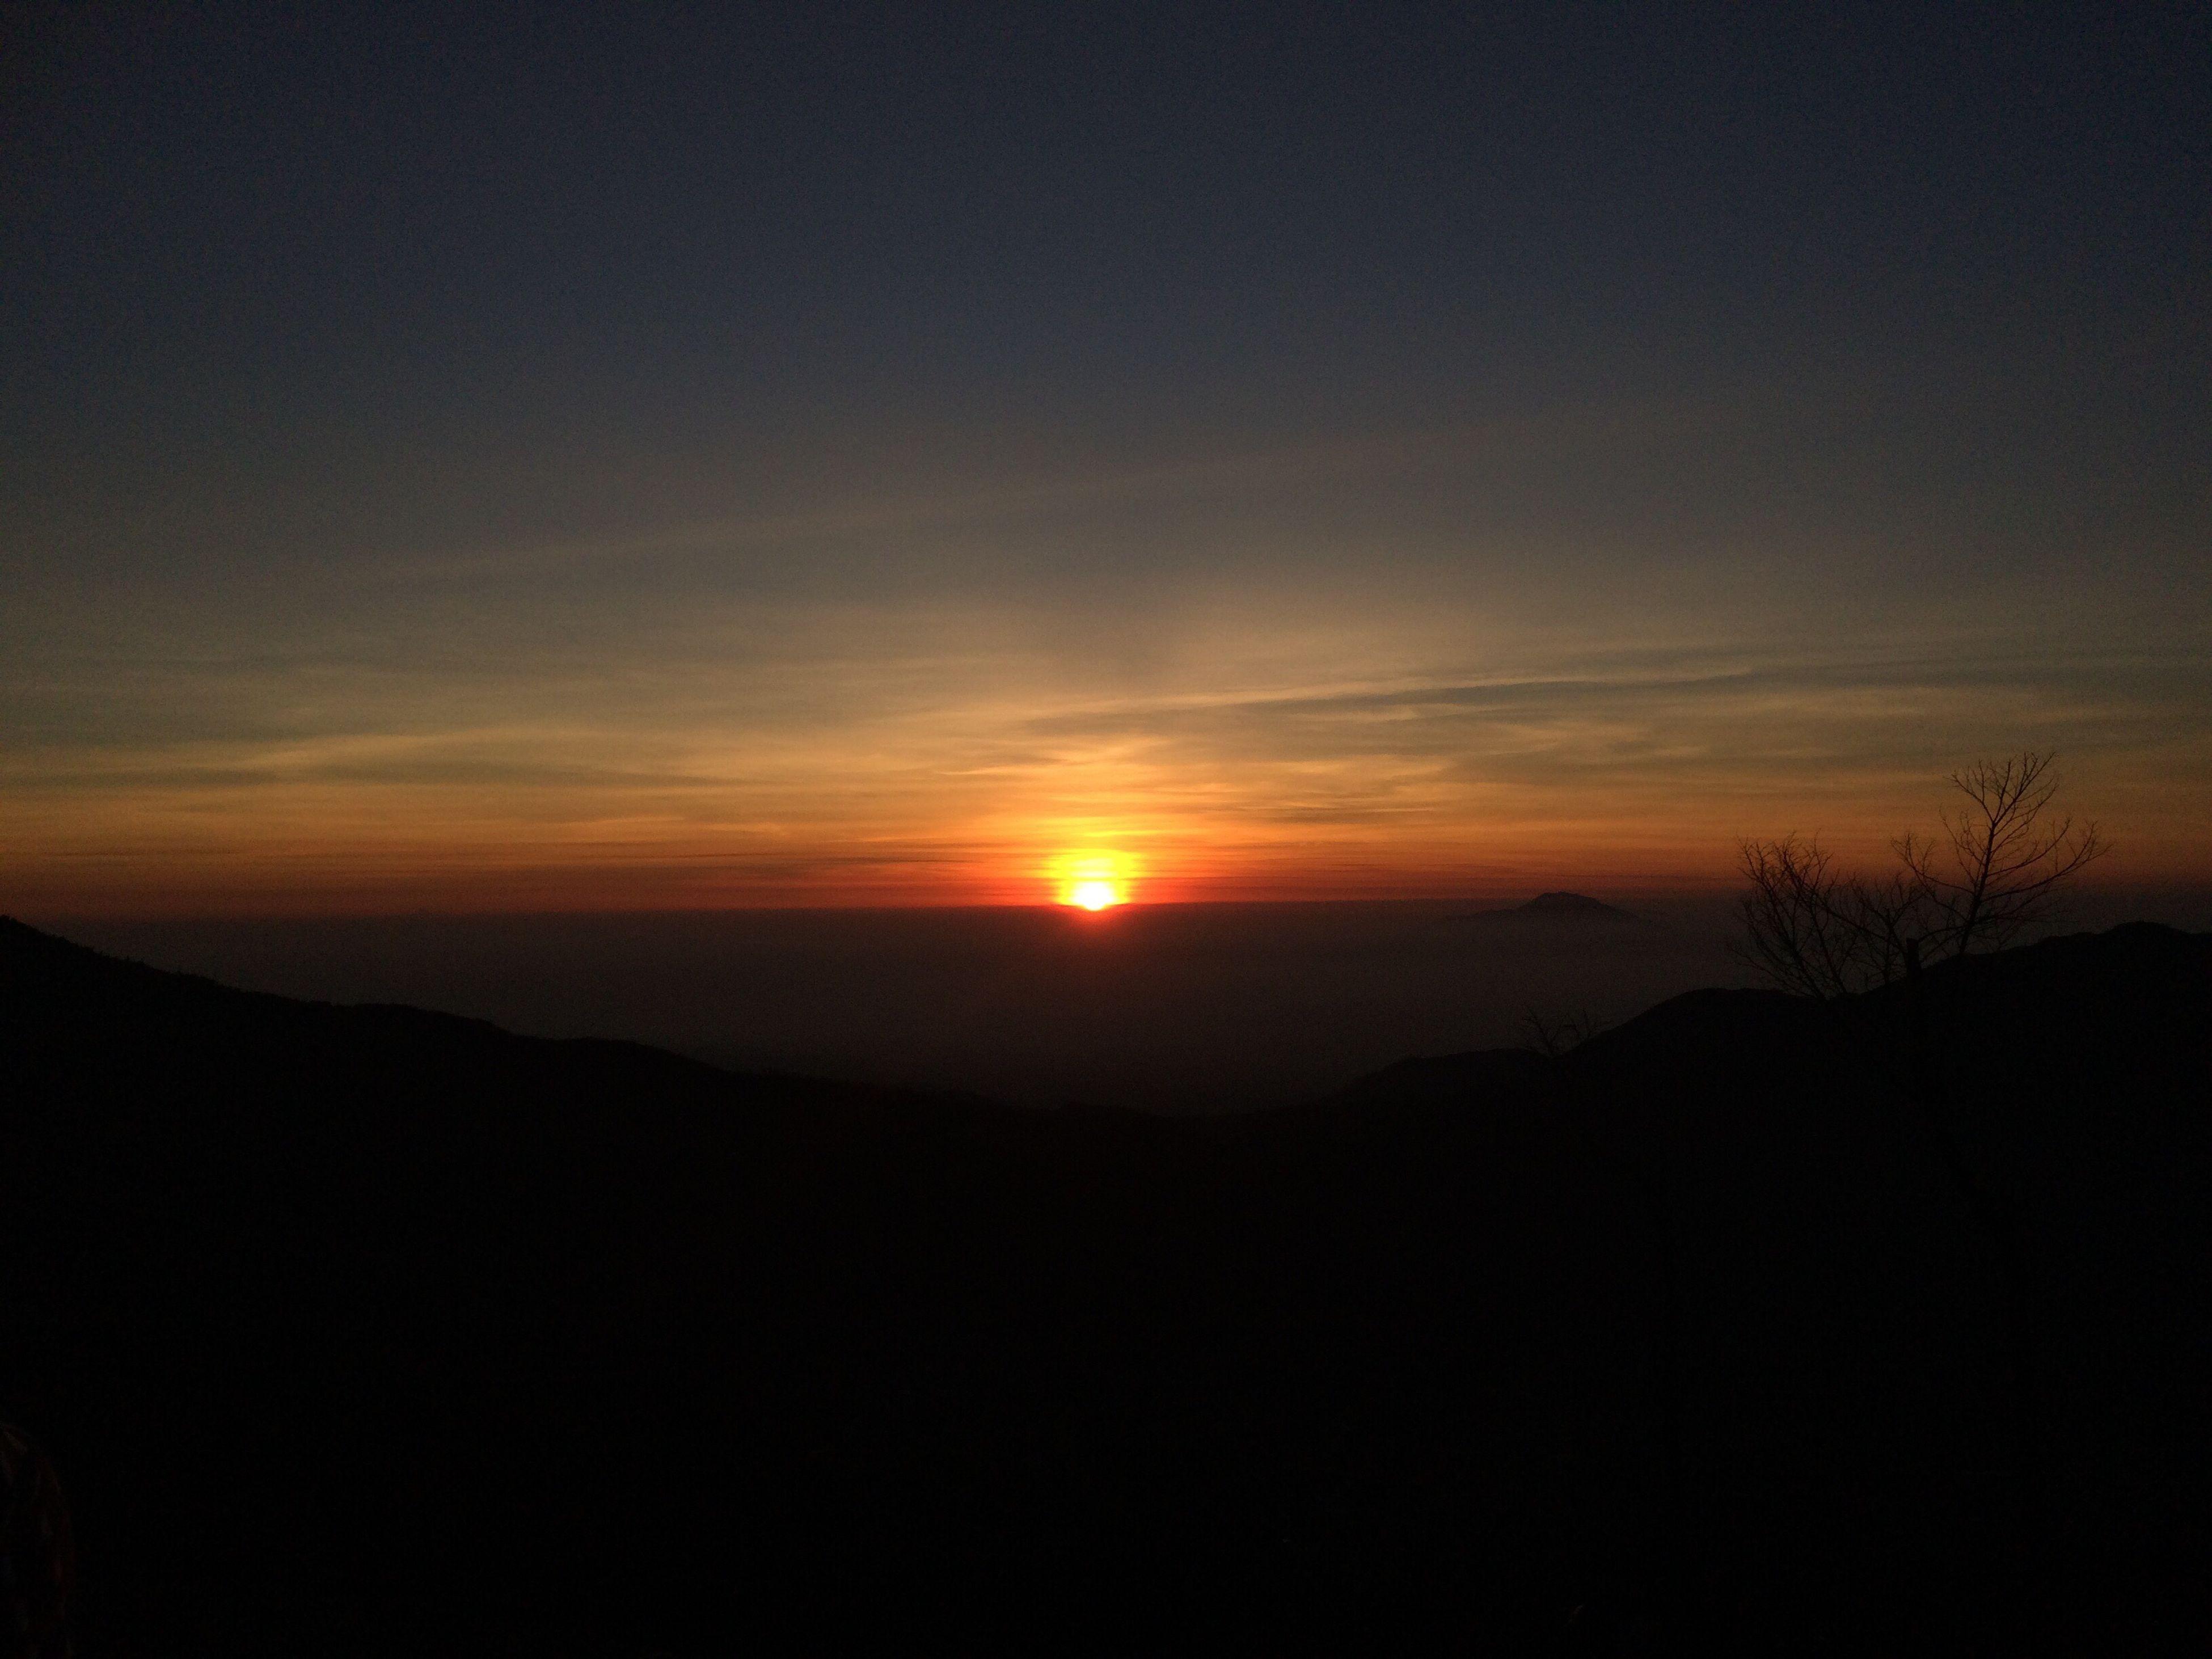 Thesun Startshining Sunrising Redspot Ontopofthehill Travel